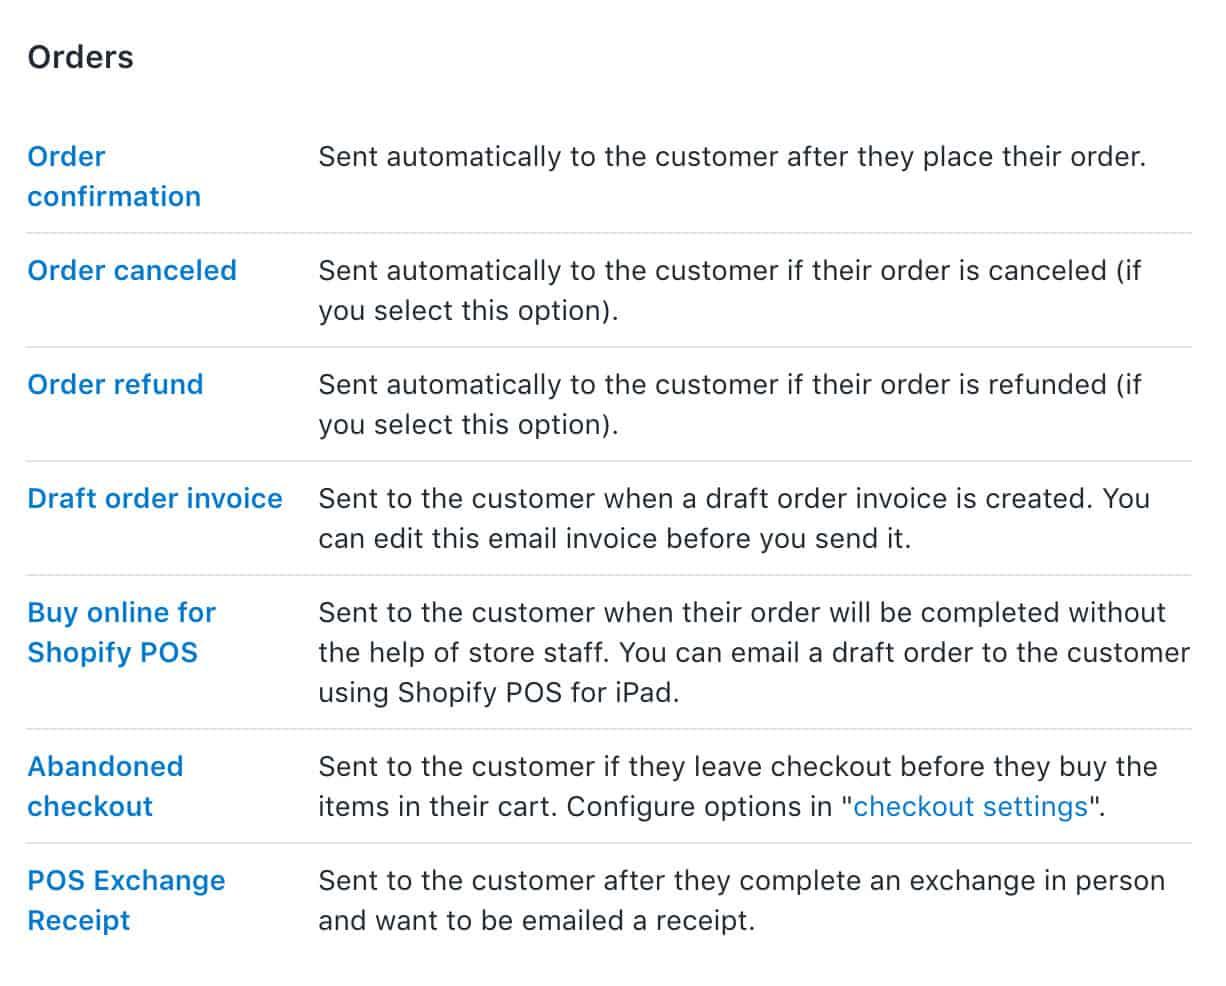 Impostazione dell'ordine del negozio online